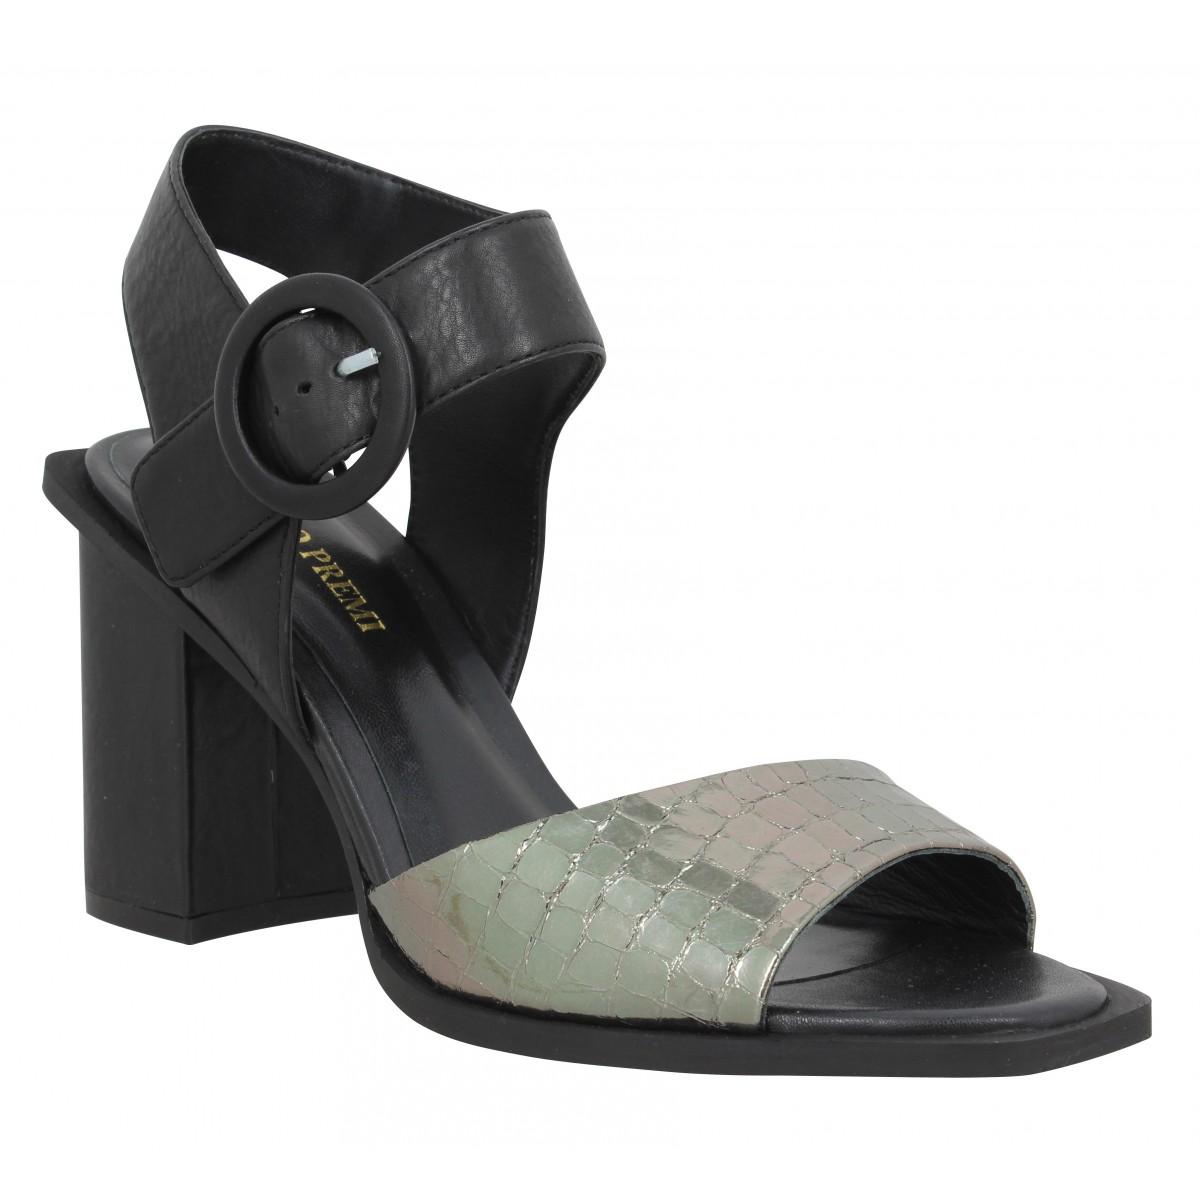 Sandales talons BRUNO PREMI 1103 cuir Femme Noir Acier